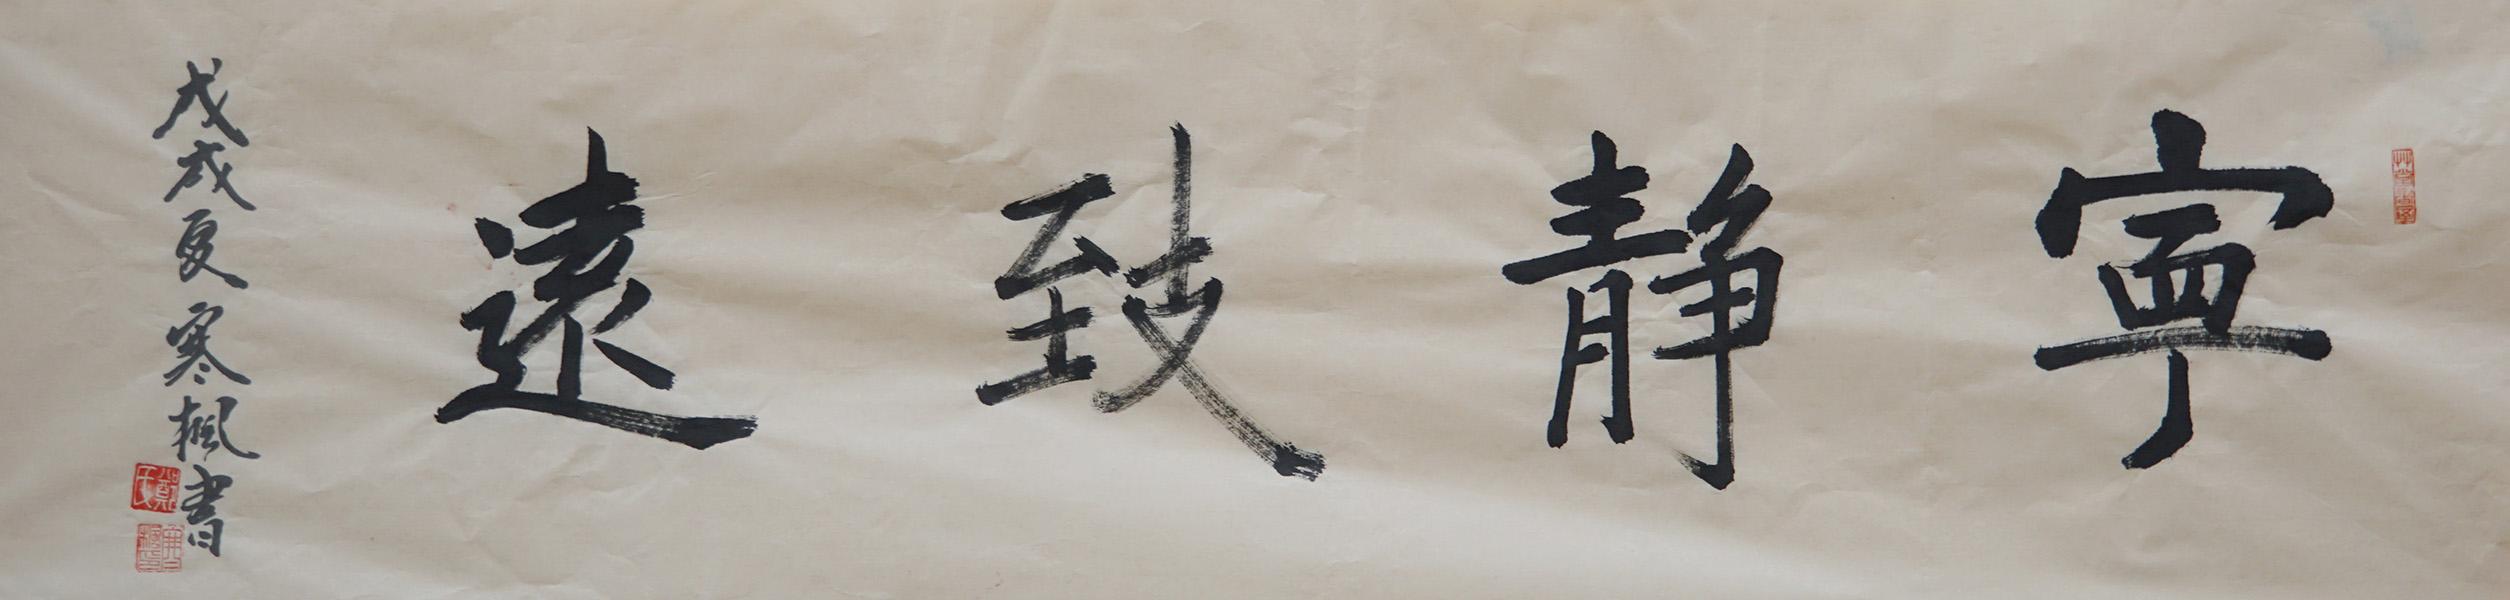 郑寒枫作品之一 (2)